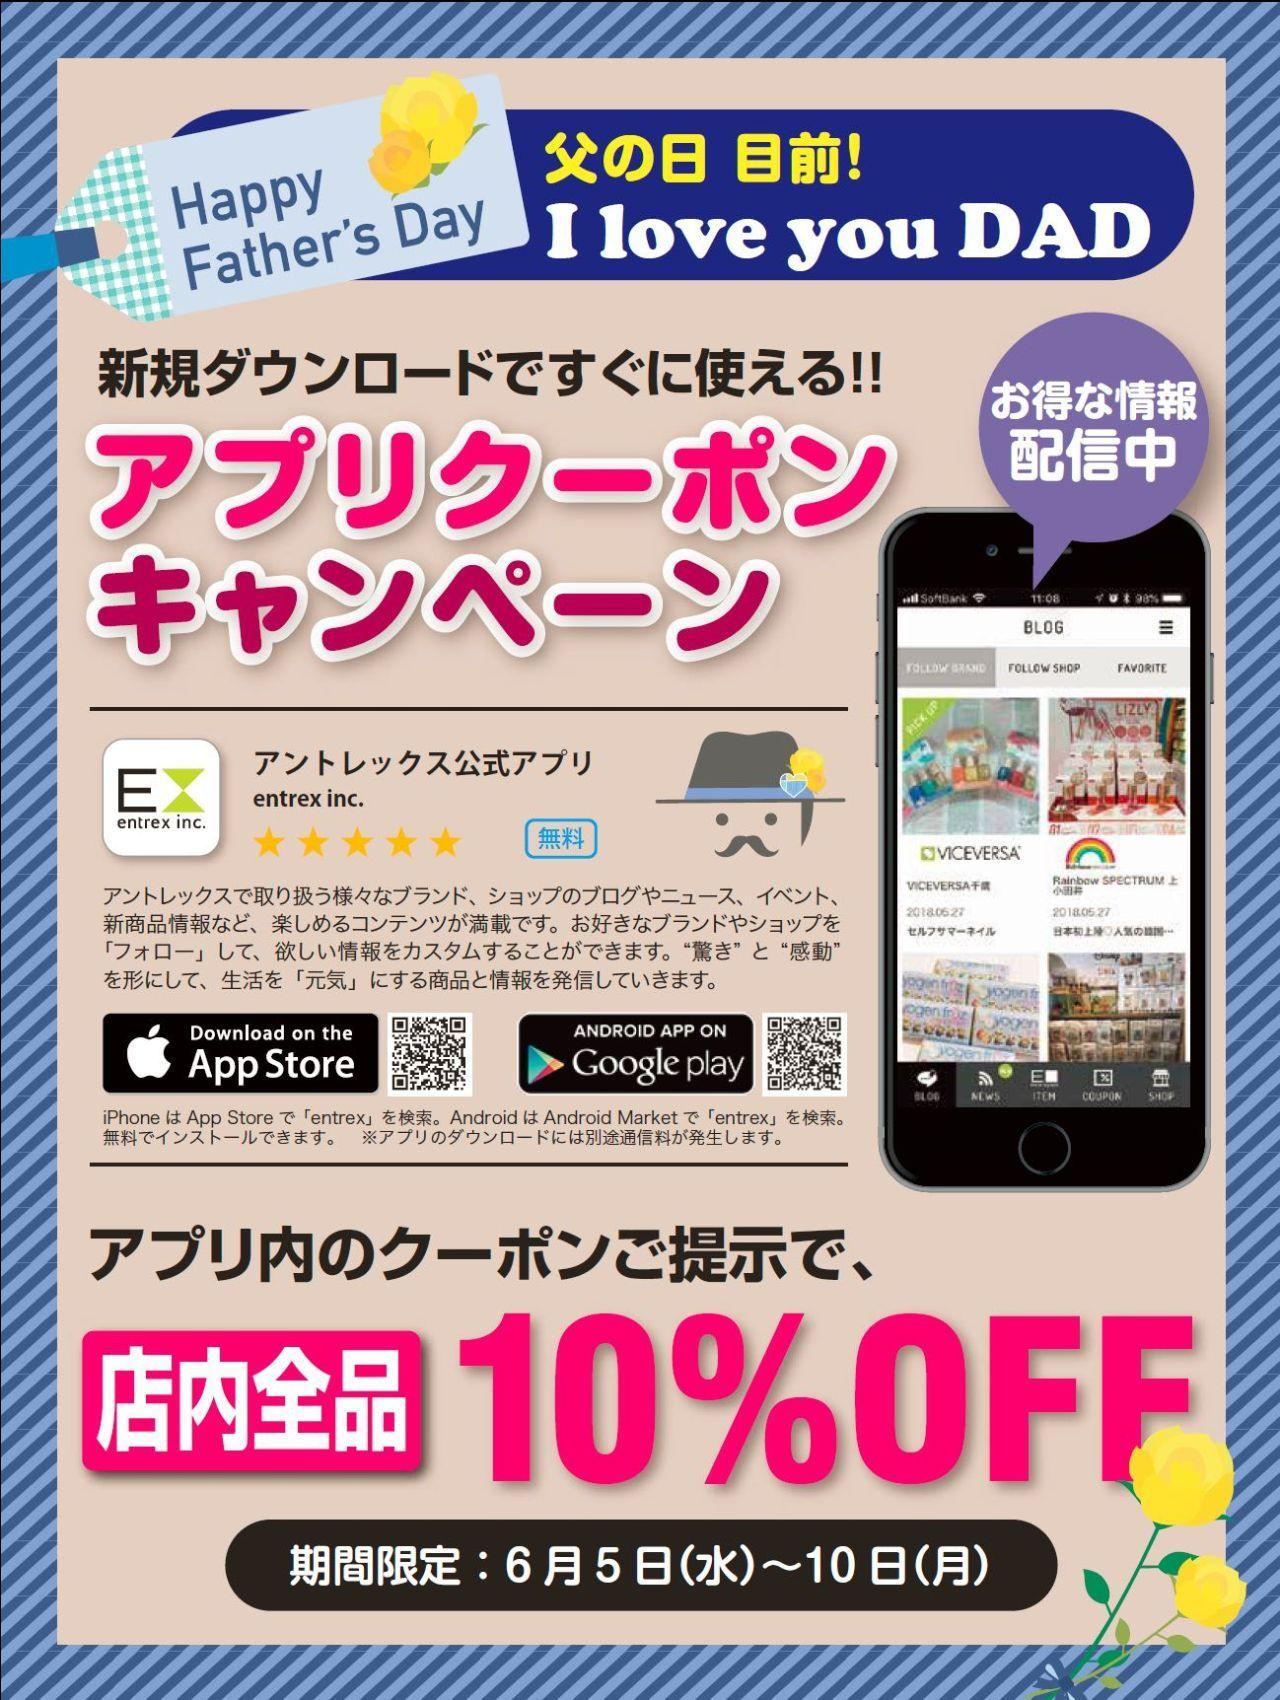 「【10%OFF】父の日 目前!アプリクーポンキャンペーン【クーポン】」の写真